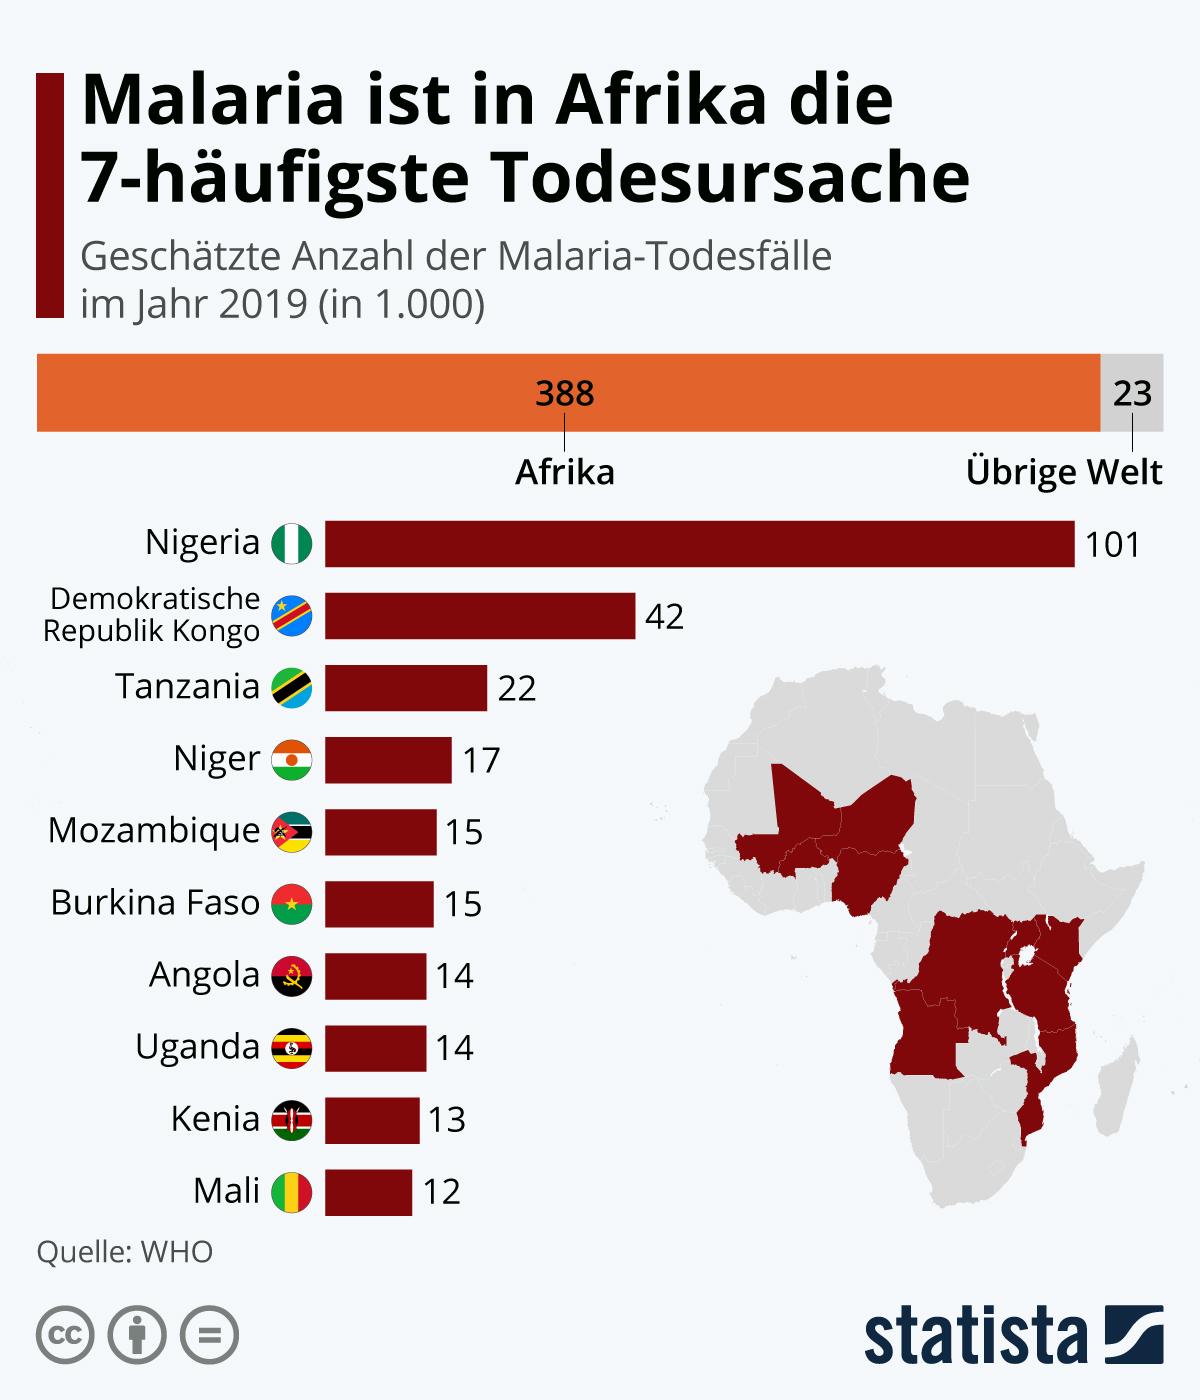 Malaria ist in Afrika die 7-häufigste Todesursache | Statista